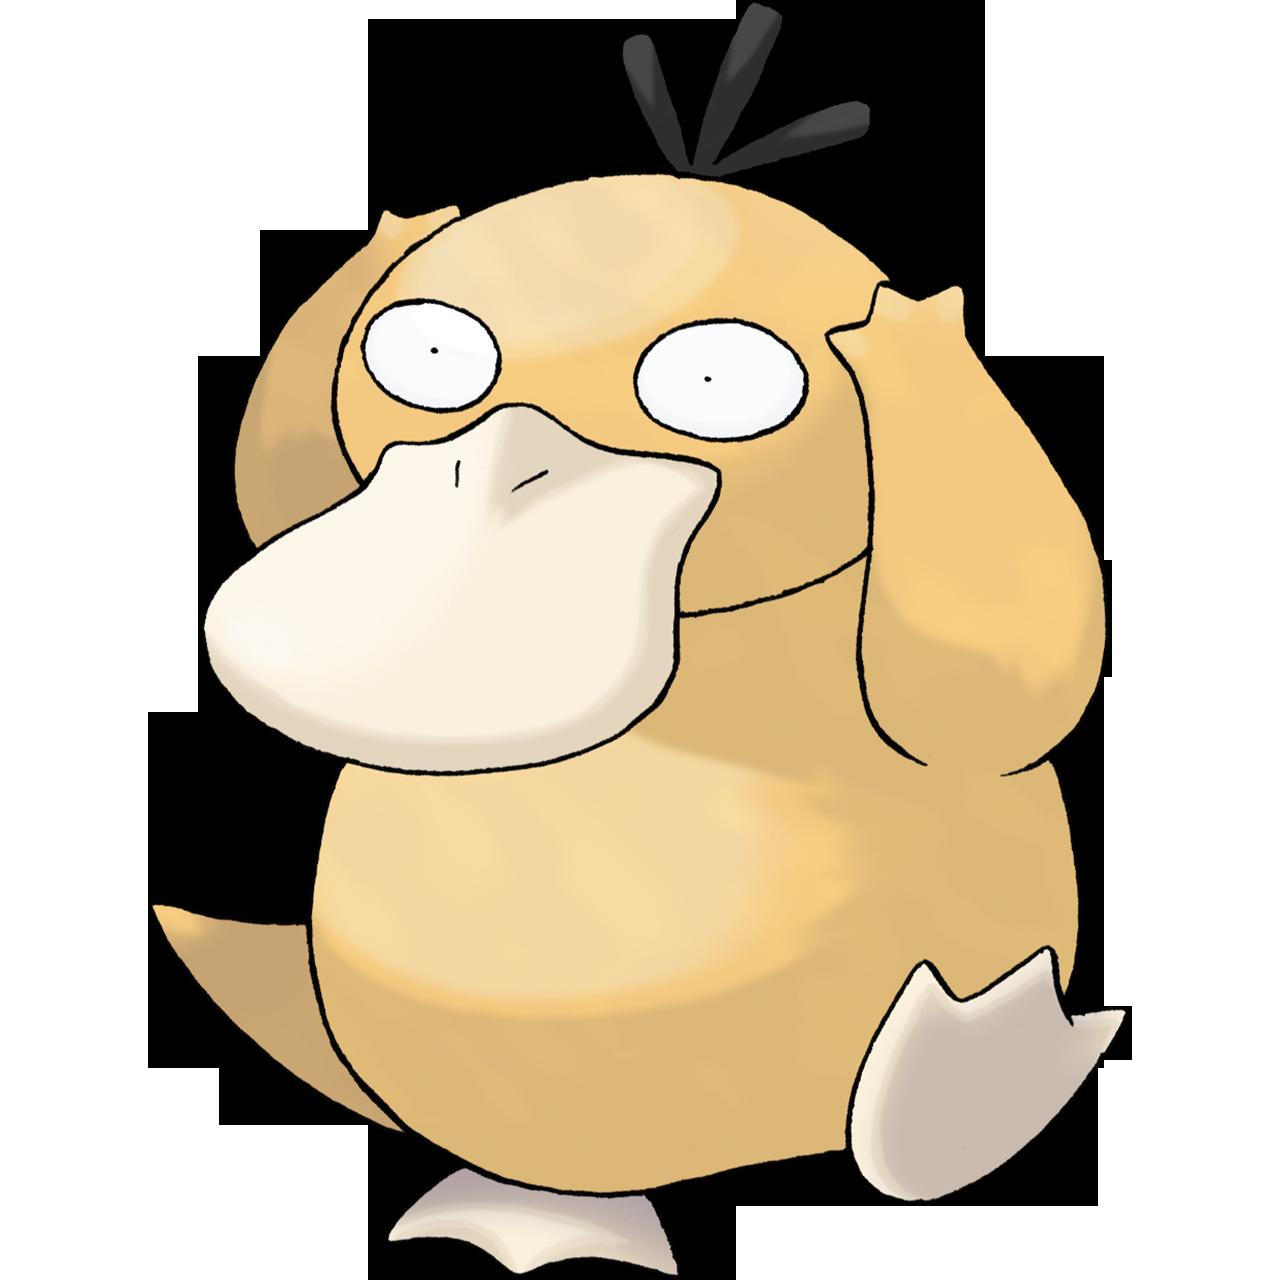 고라파덕 (포켓몬)